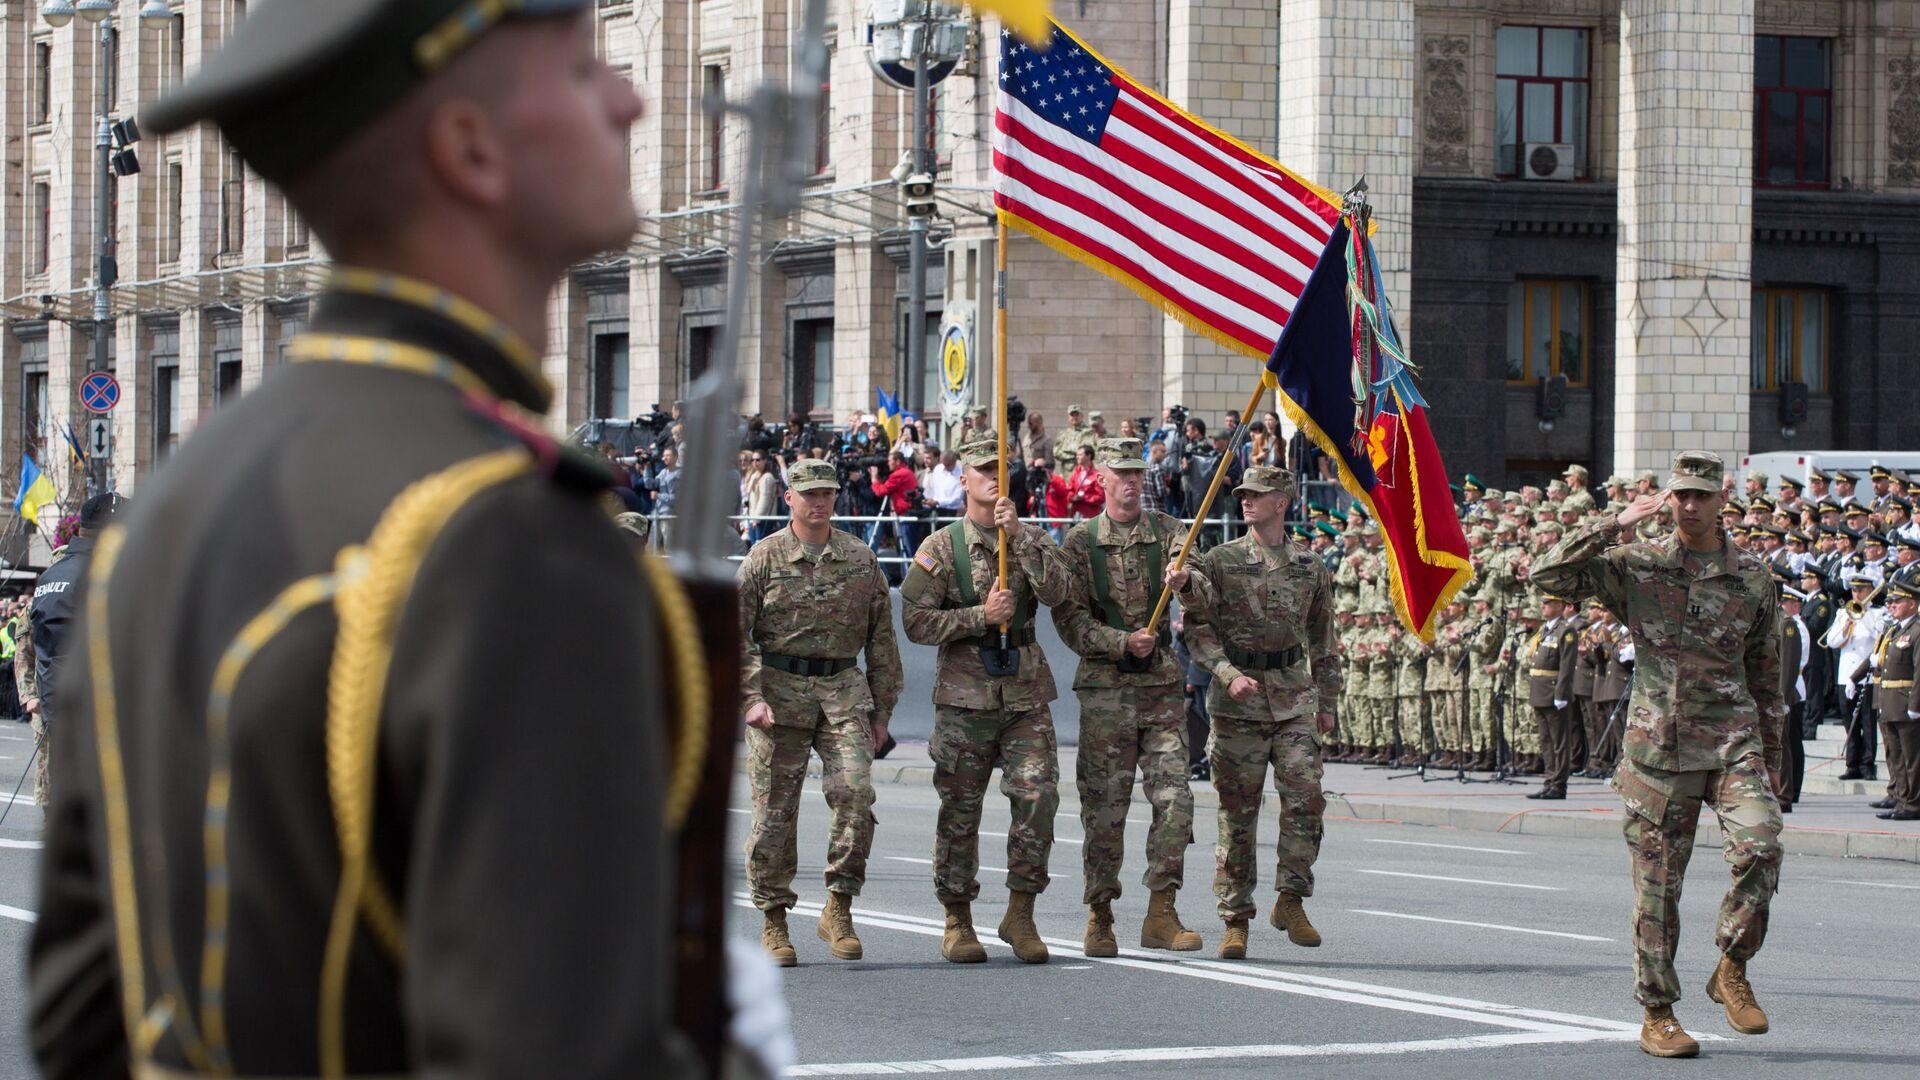 Vojáci členských zemí NATO během vojenské přehlídky při příležitosti oslav Dne nezávislosti Ukrajiny v Kyjevě - Sputnik Česká republika, 1920, 06.04.2021